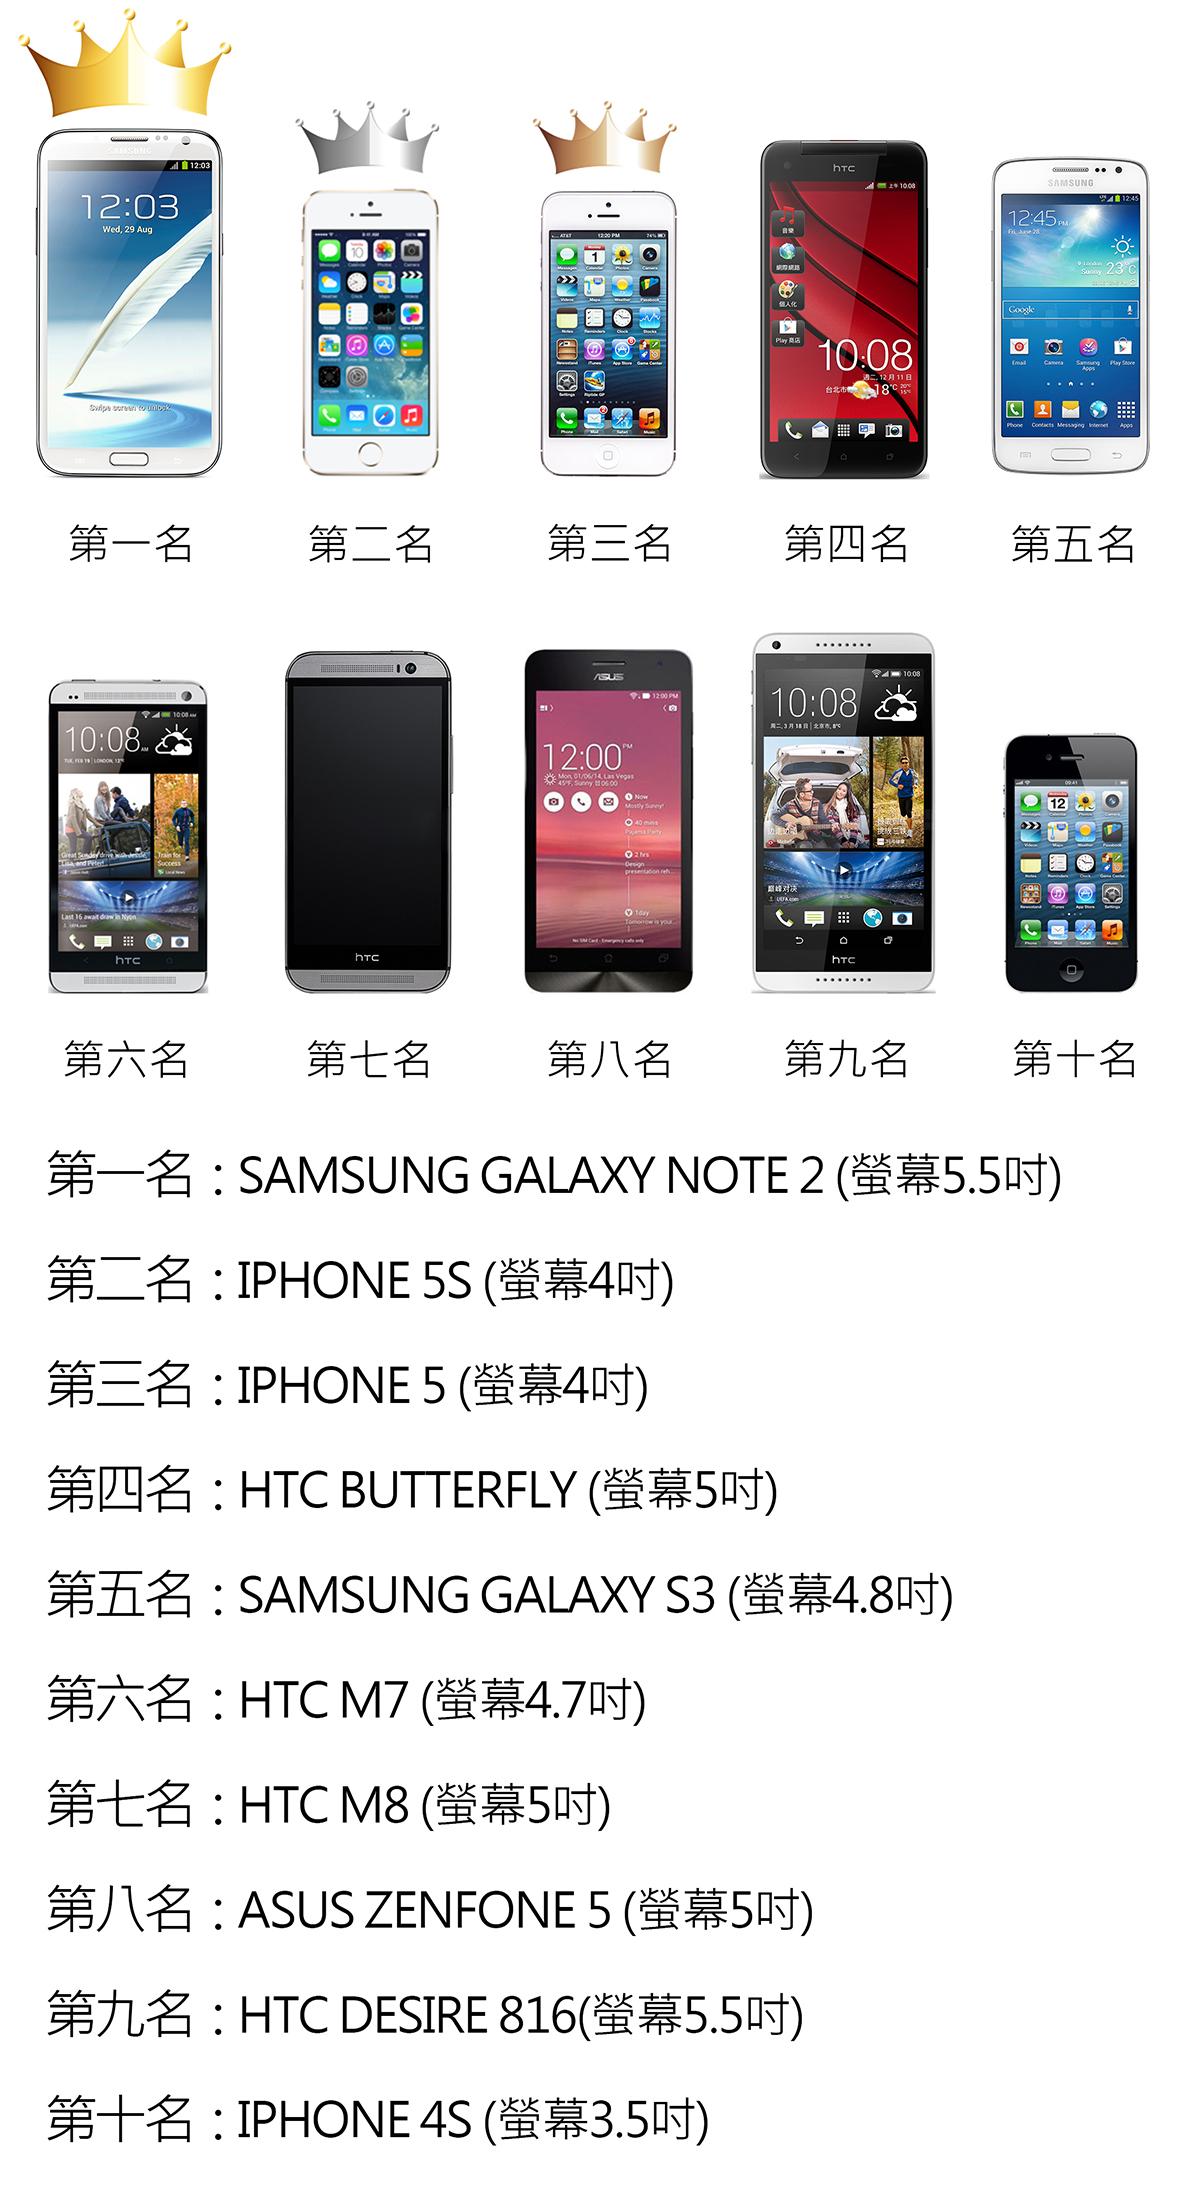 台灣手機使用機型排名